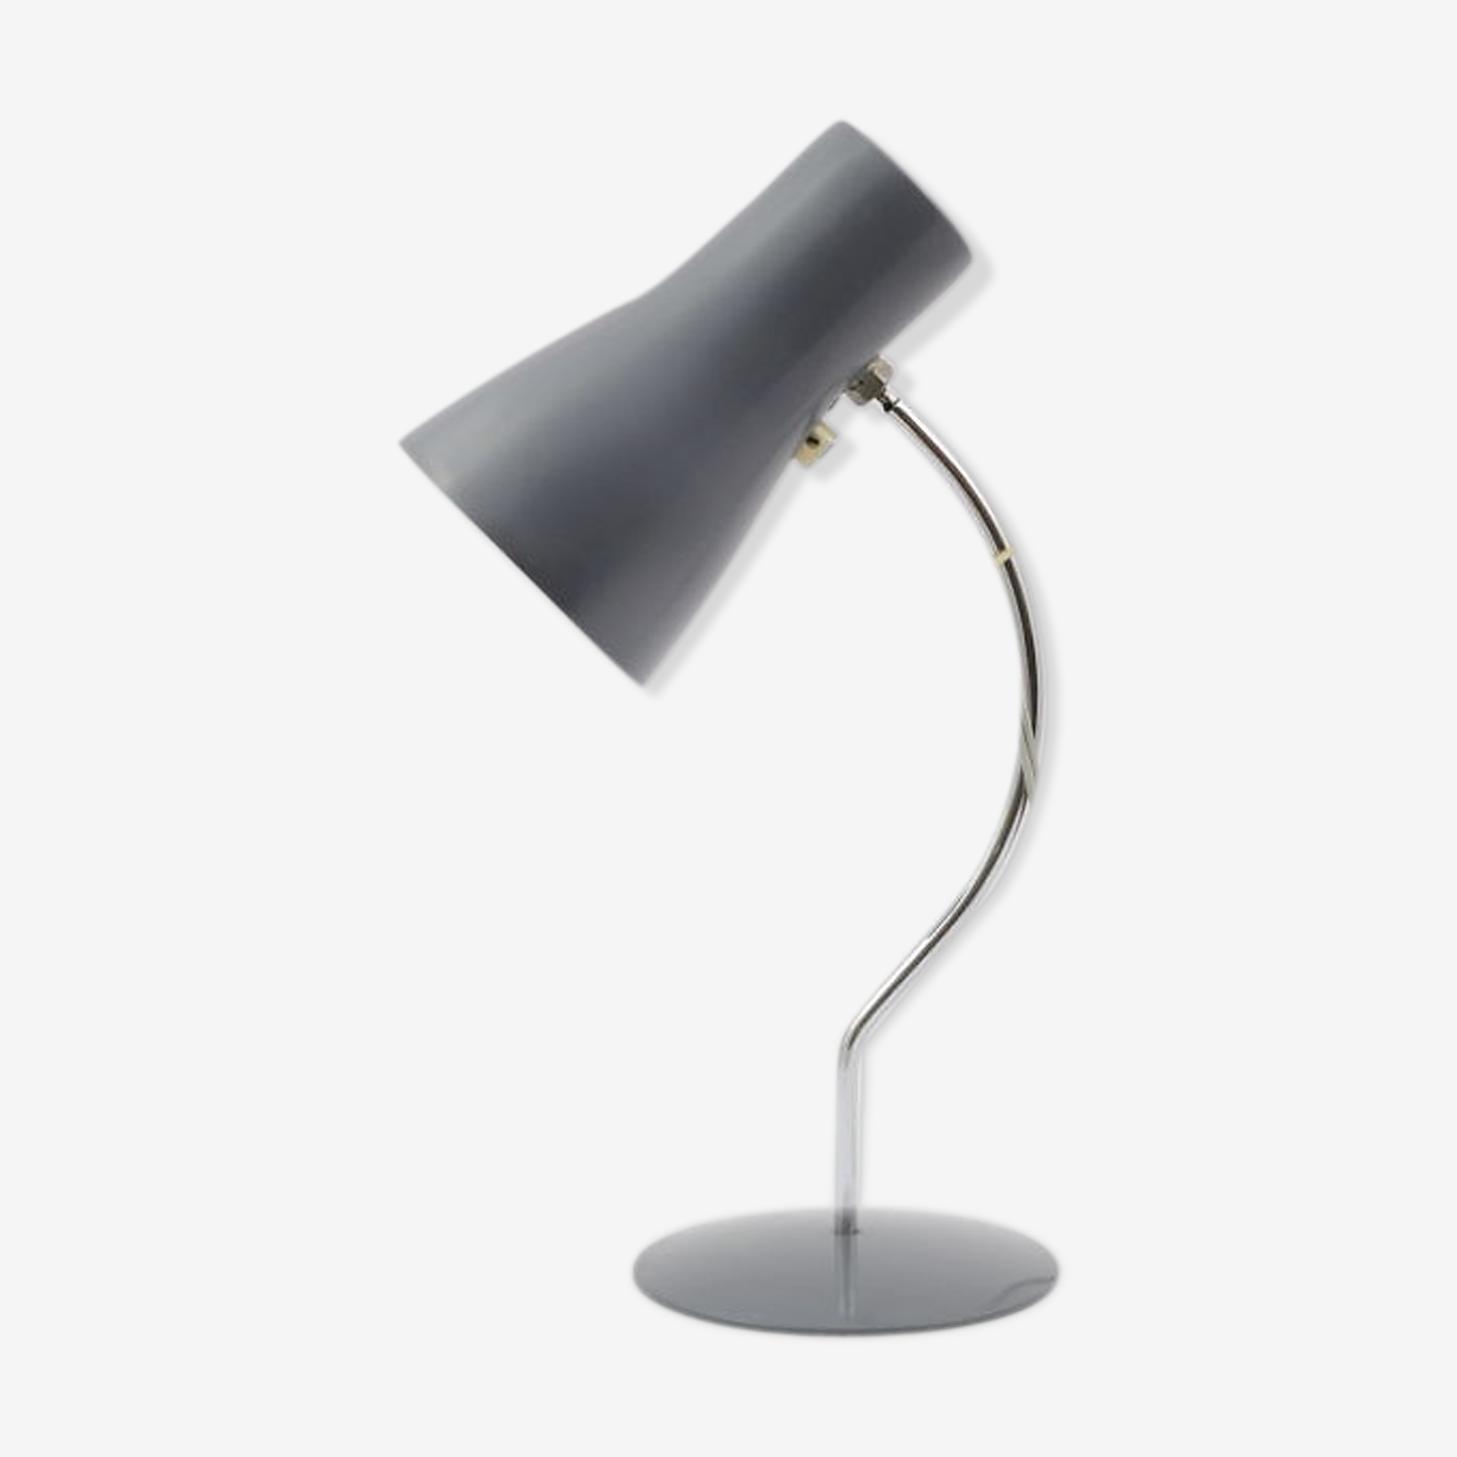 Lampe Napako type 1633, 1960s